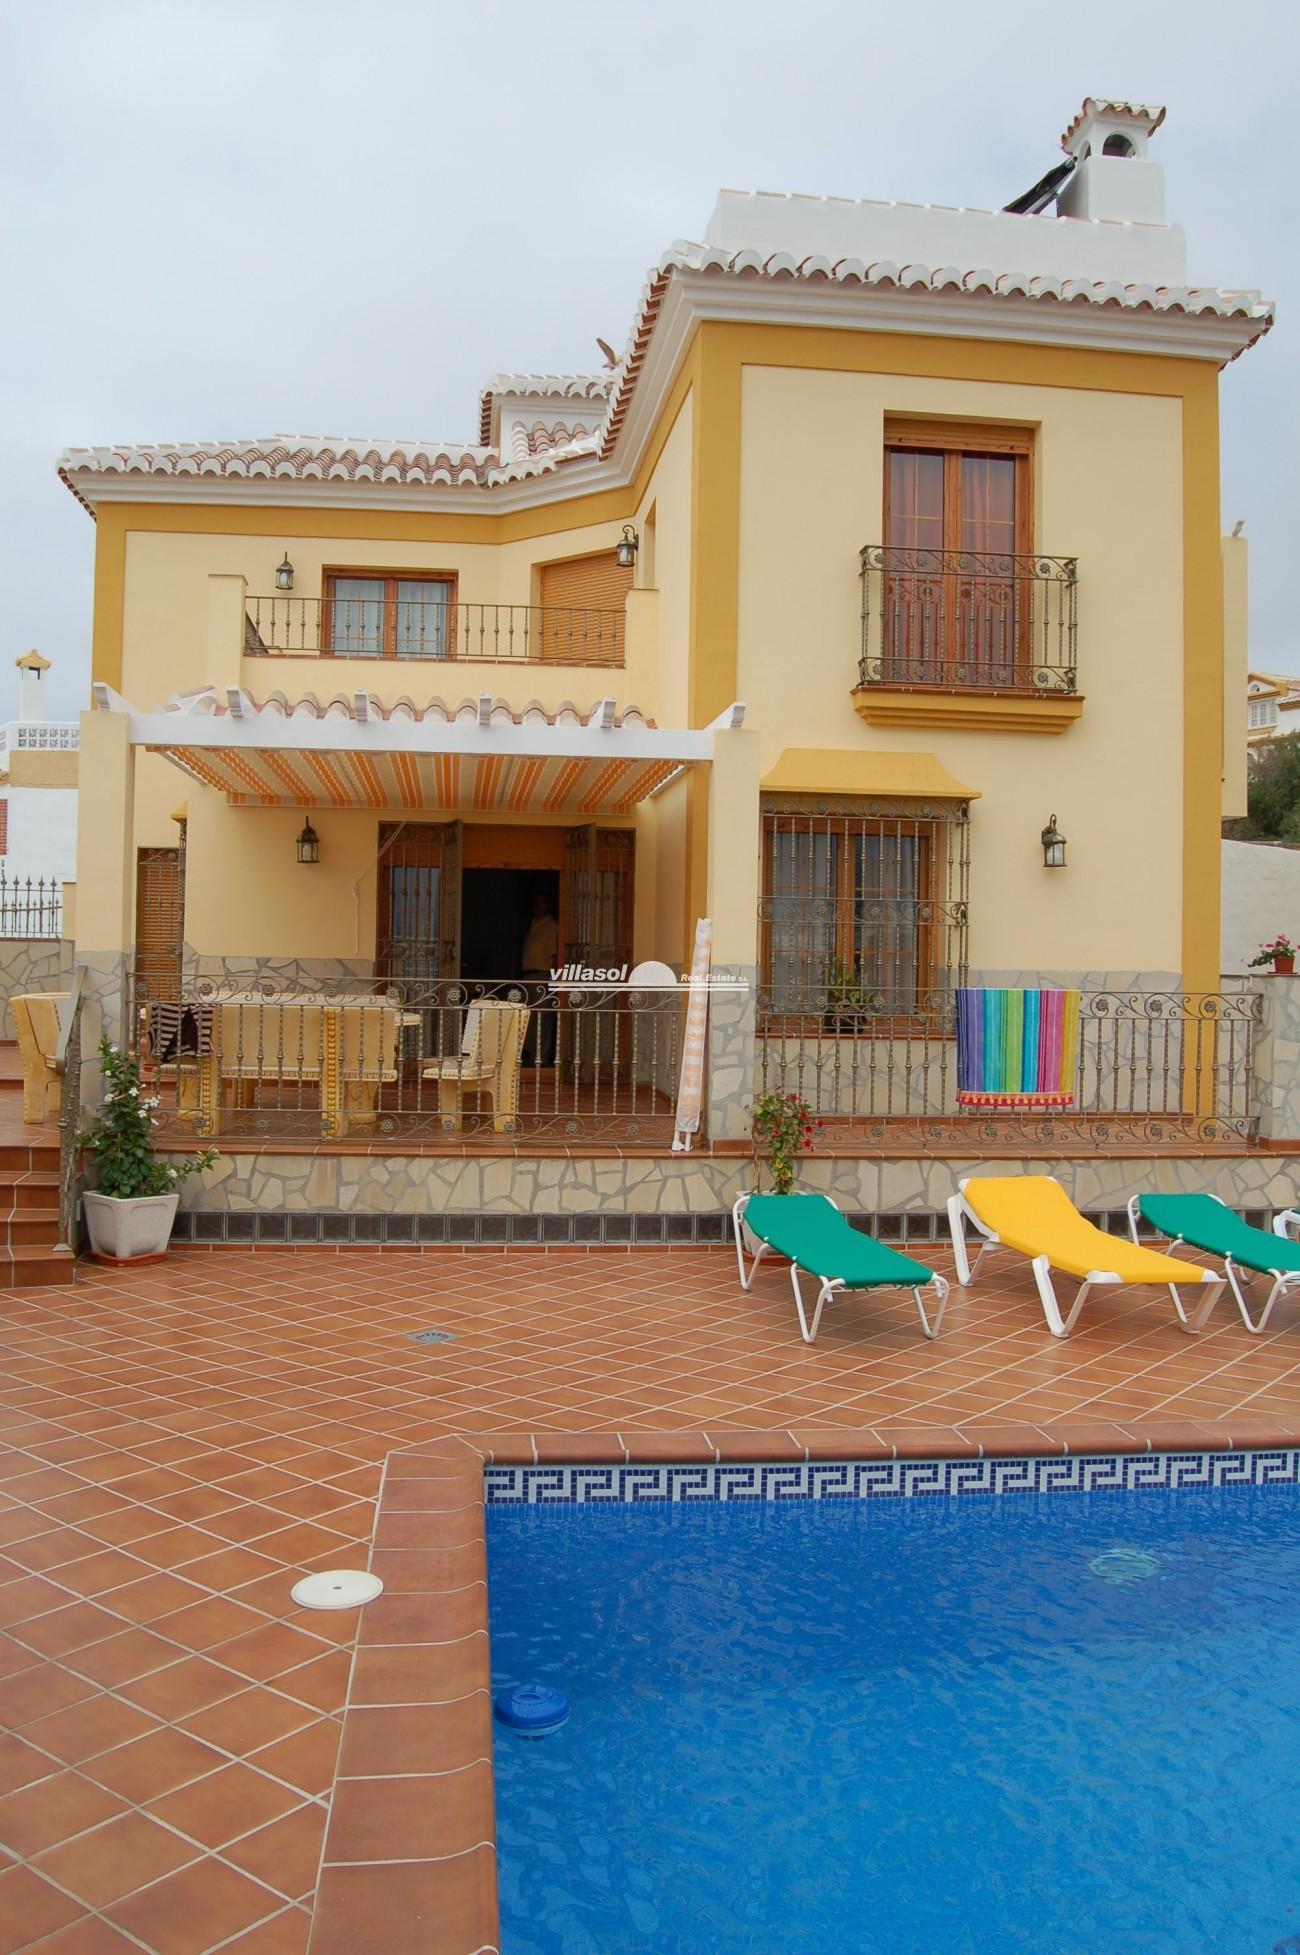 Villa for sale in nerja m laga spain - Malaga real estate ...